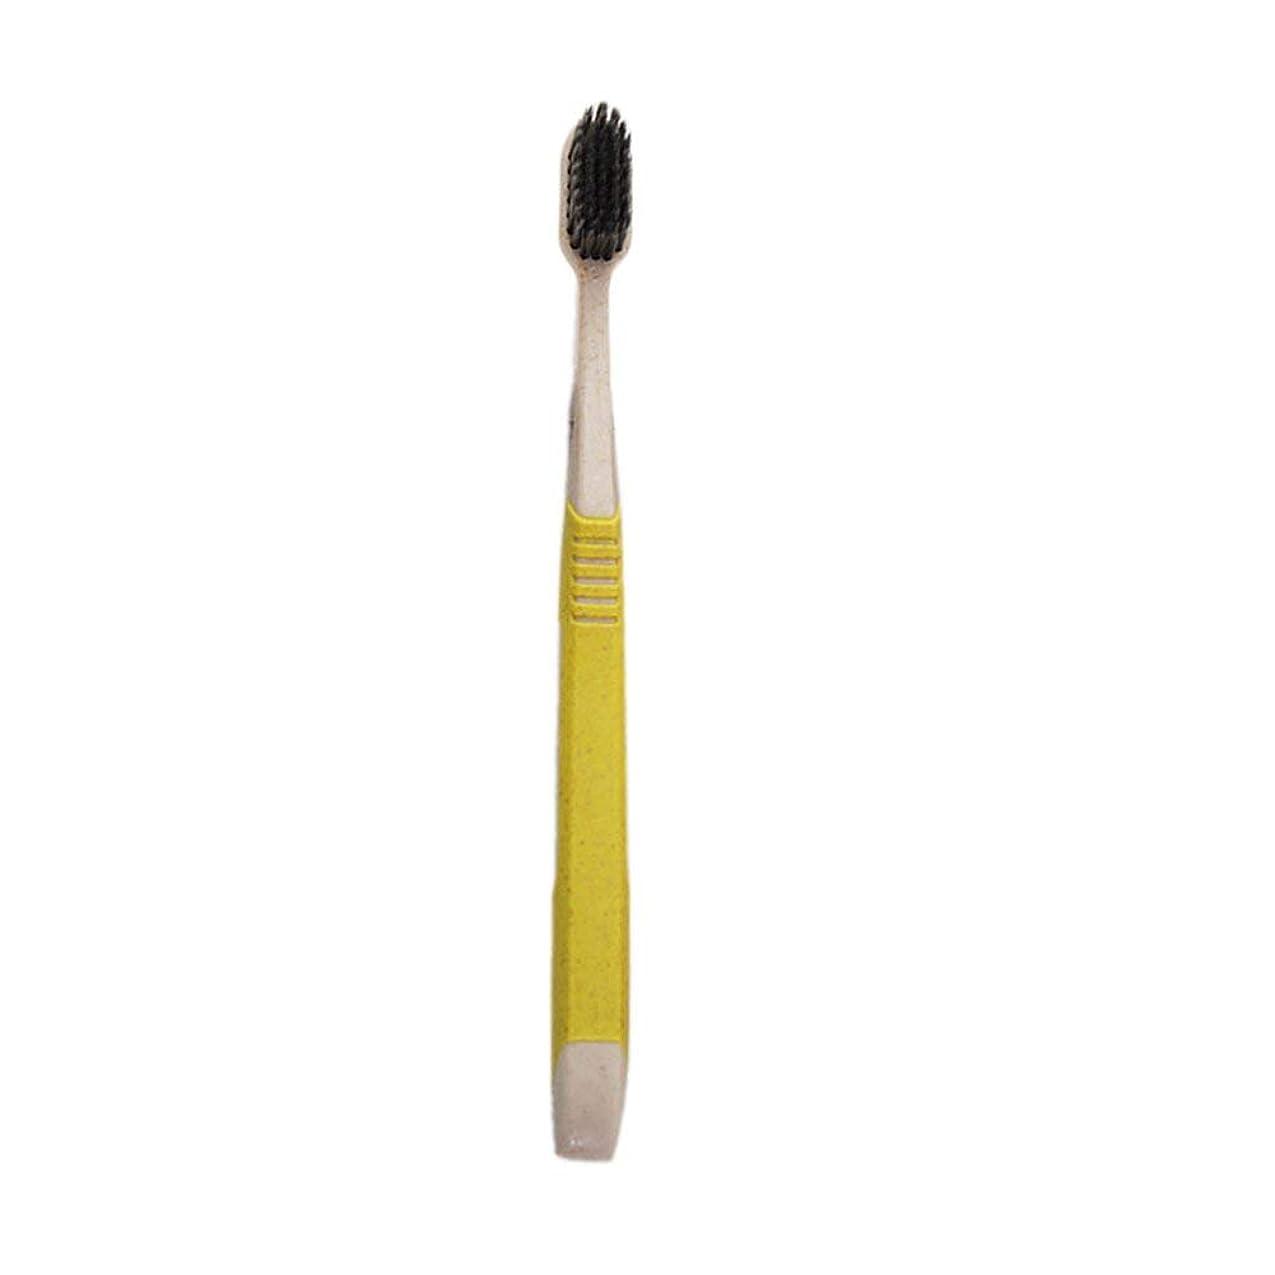 ロッド寝る実装するK-666小麦わらの歯ブラシ歯のクリーニングブラシ竹炭毛ブラシ環境にやさしいブラシ歯のケア - 黄色